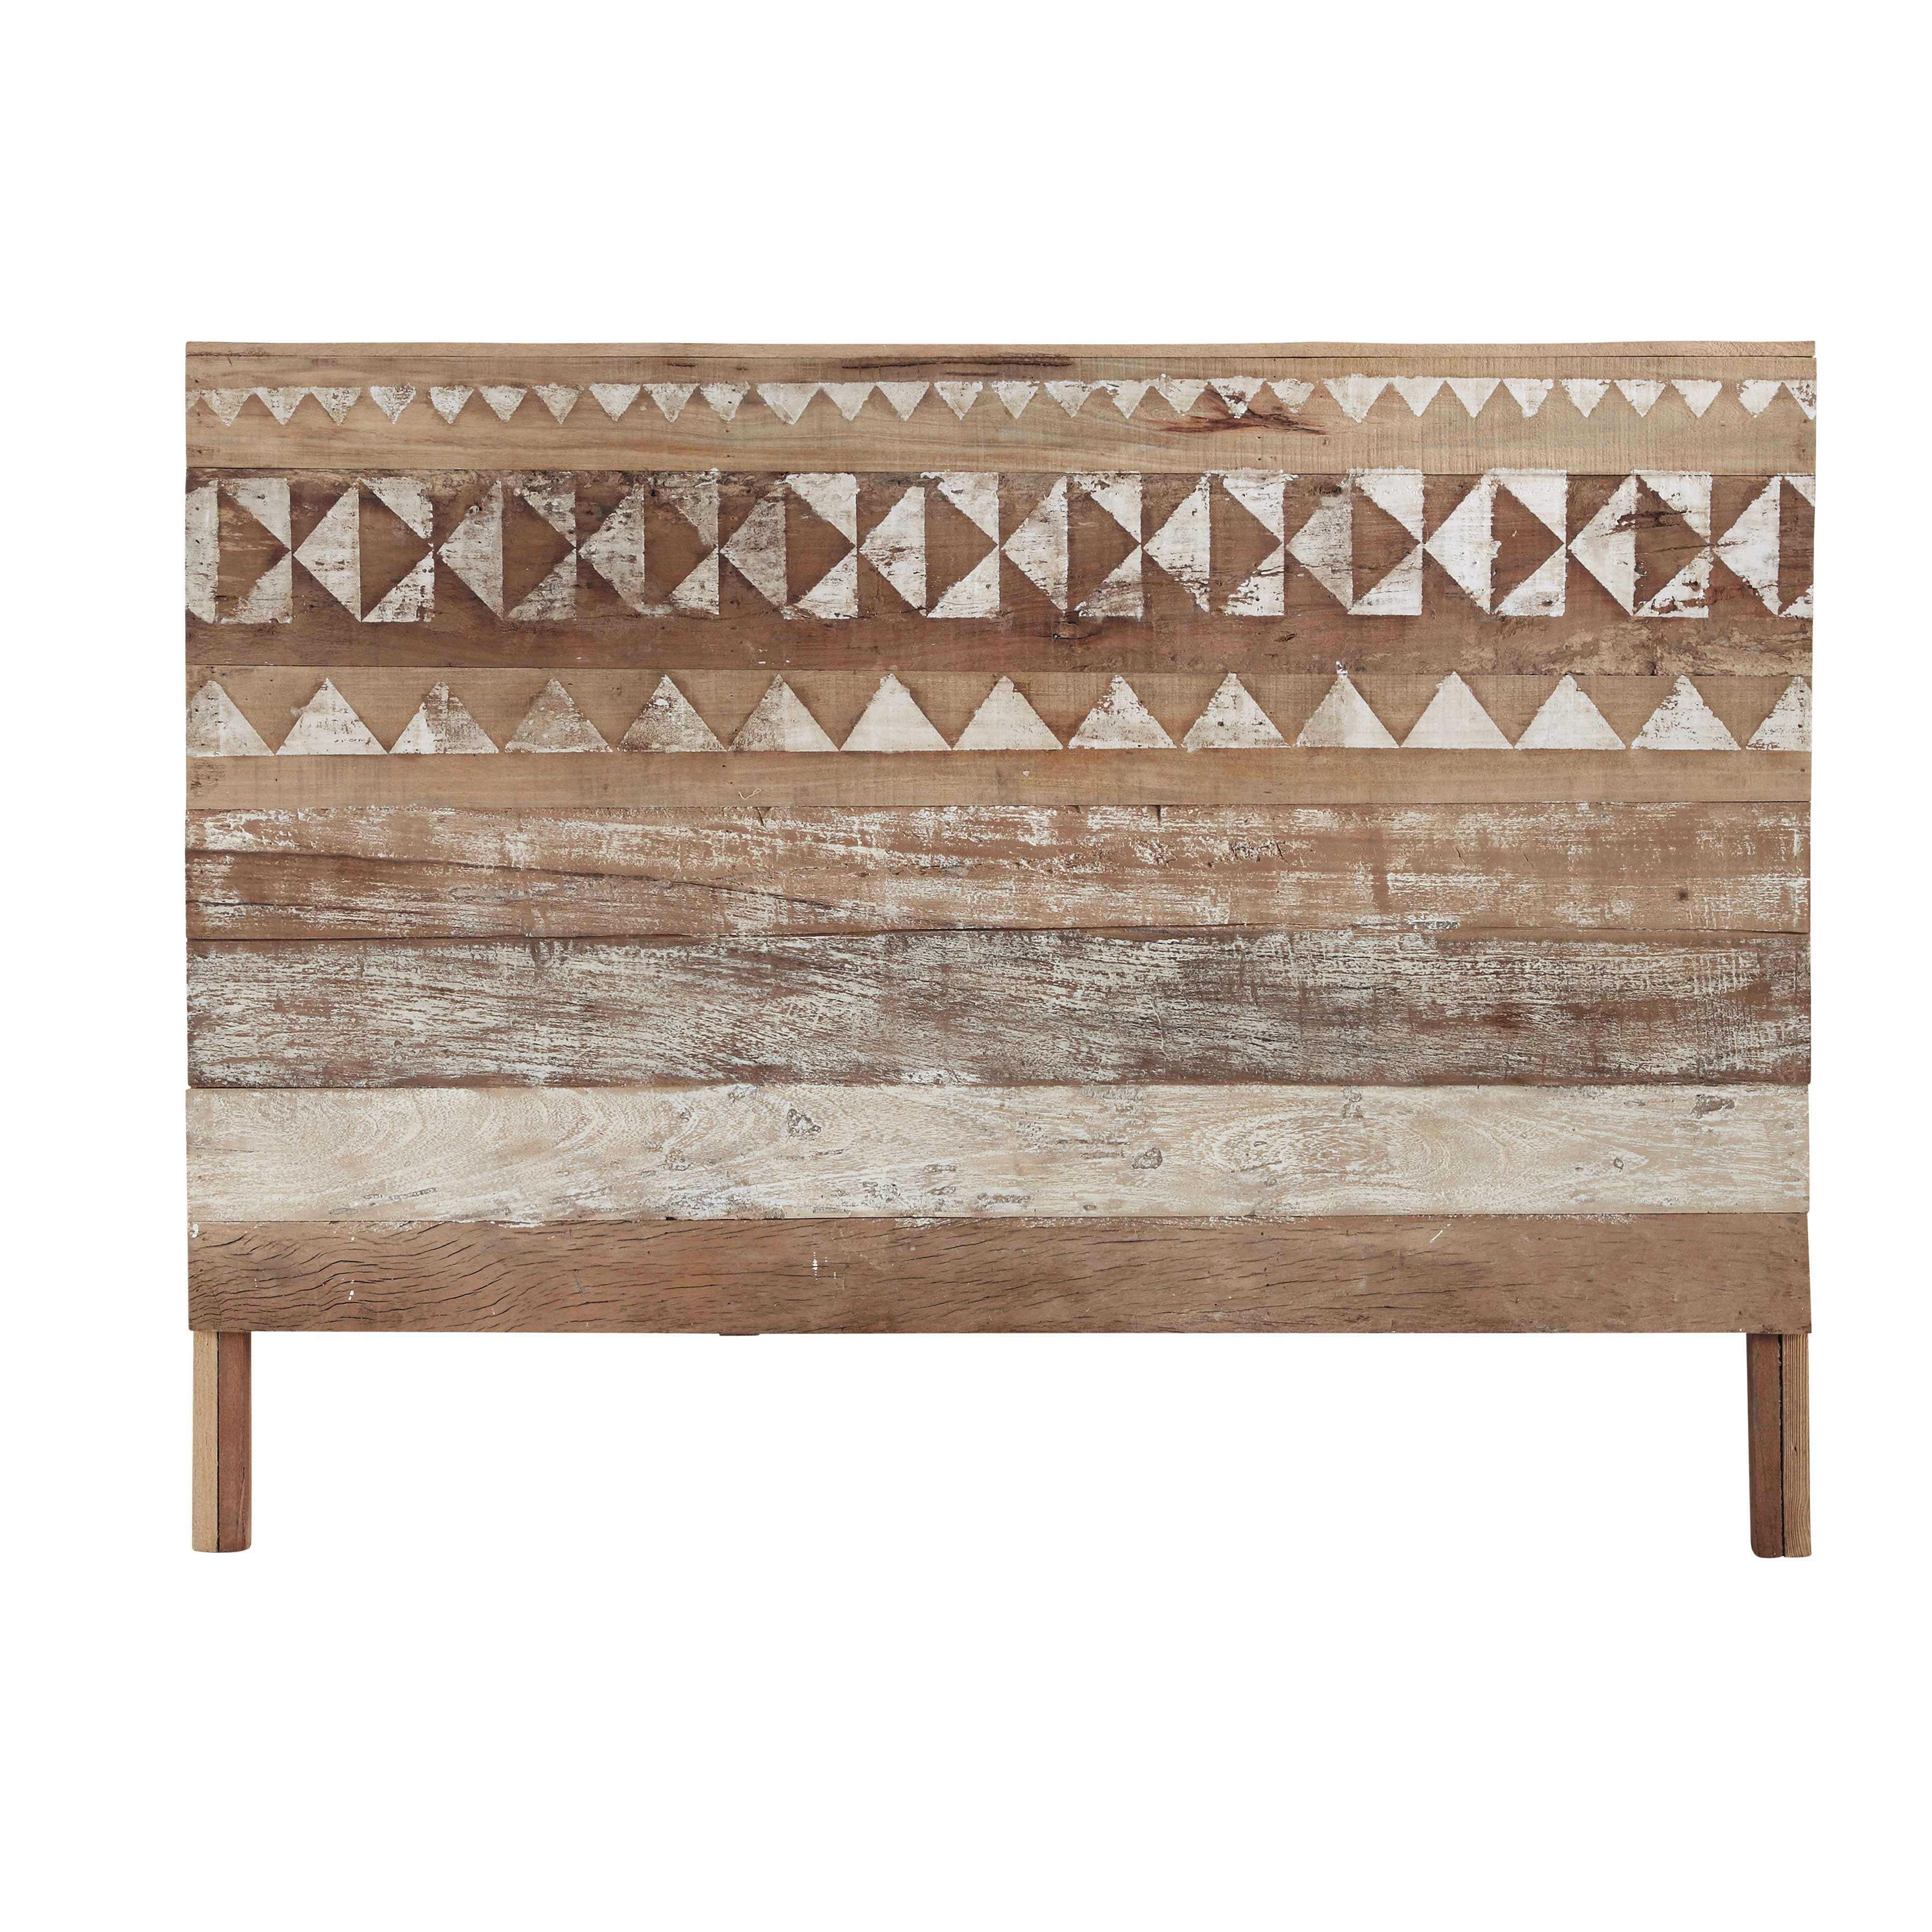 t te de lit motifs en bois recycl l 160 cm bois. Black Bedroom Furniture Sets. Home Design Ideas